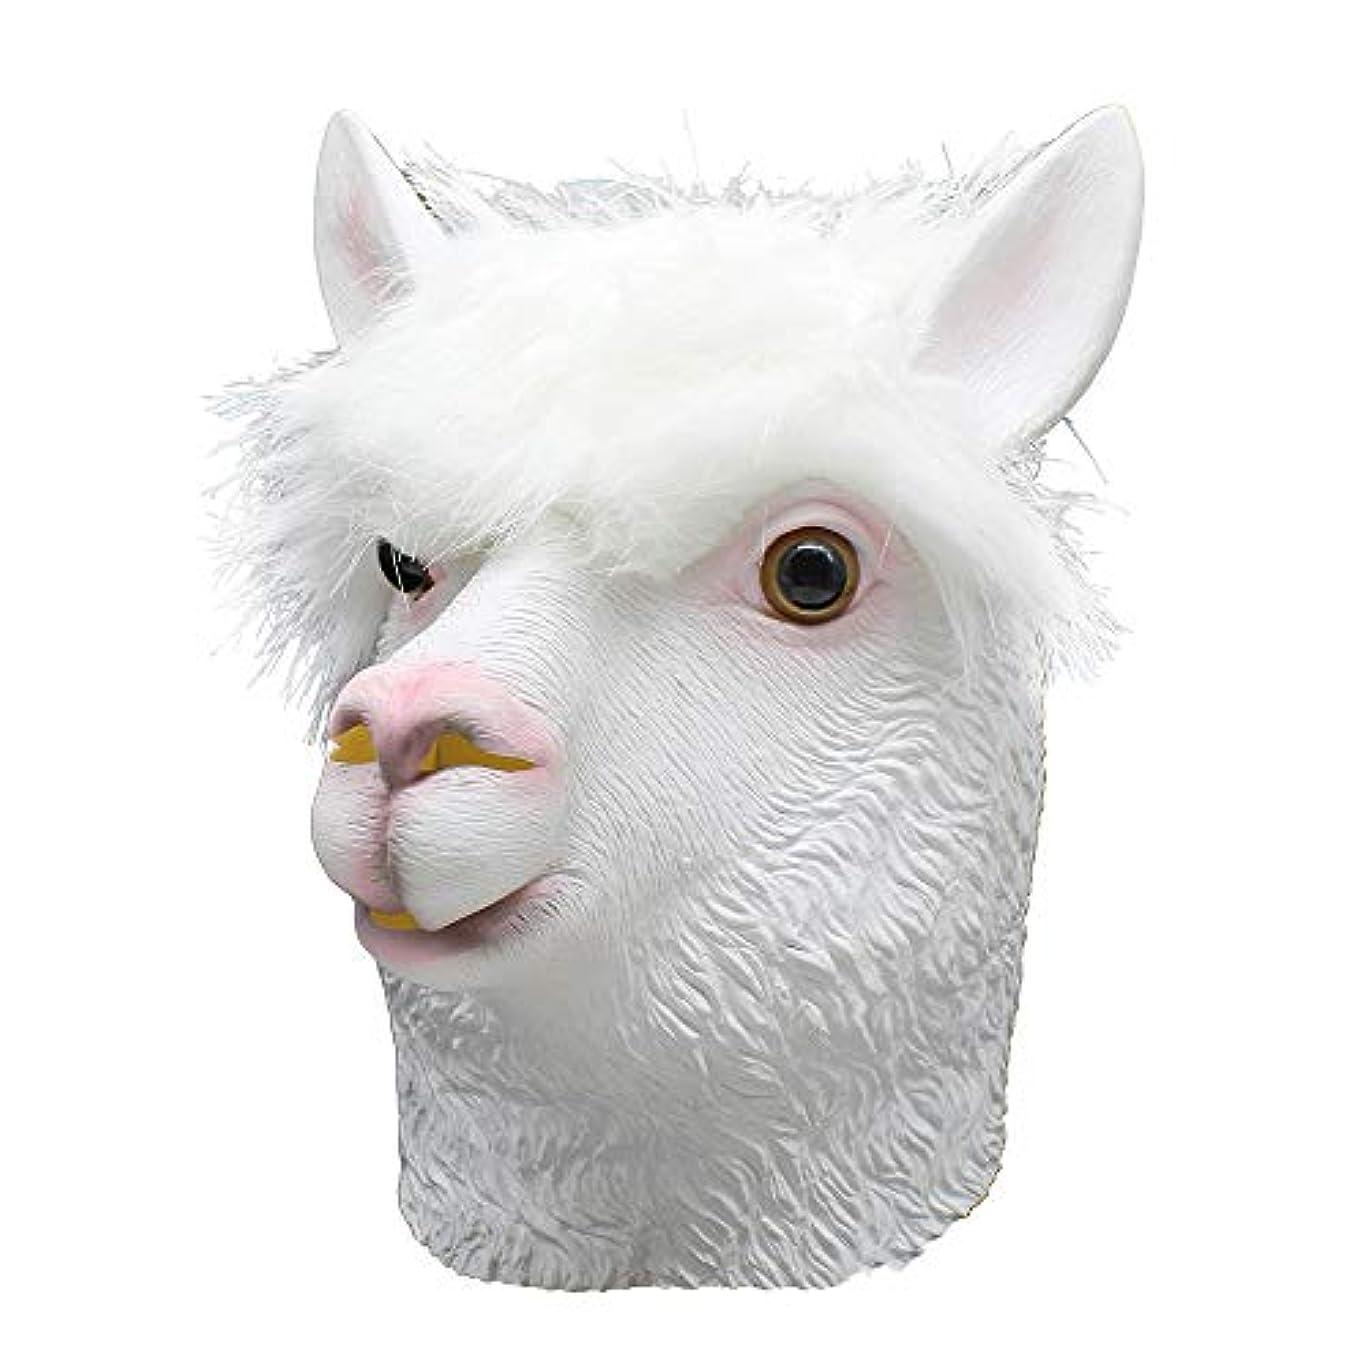 バインド避難コーラスハロウィーン仮装ショー動物モデリングラテックスアルパカマスクフード